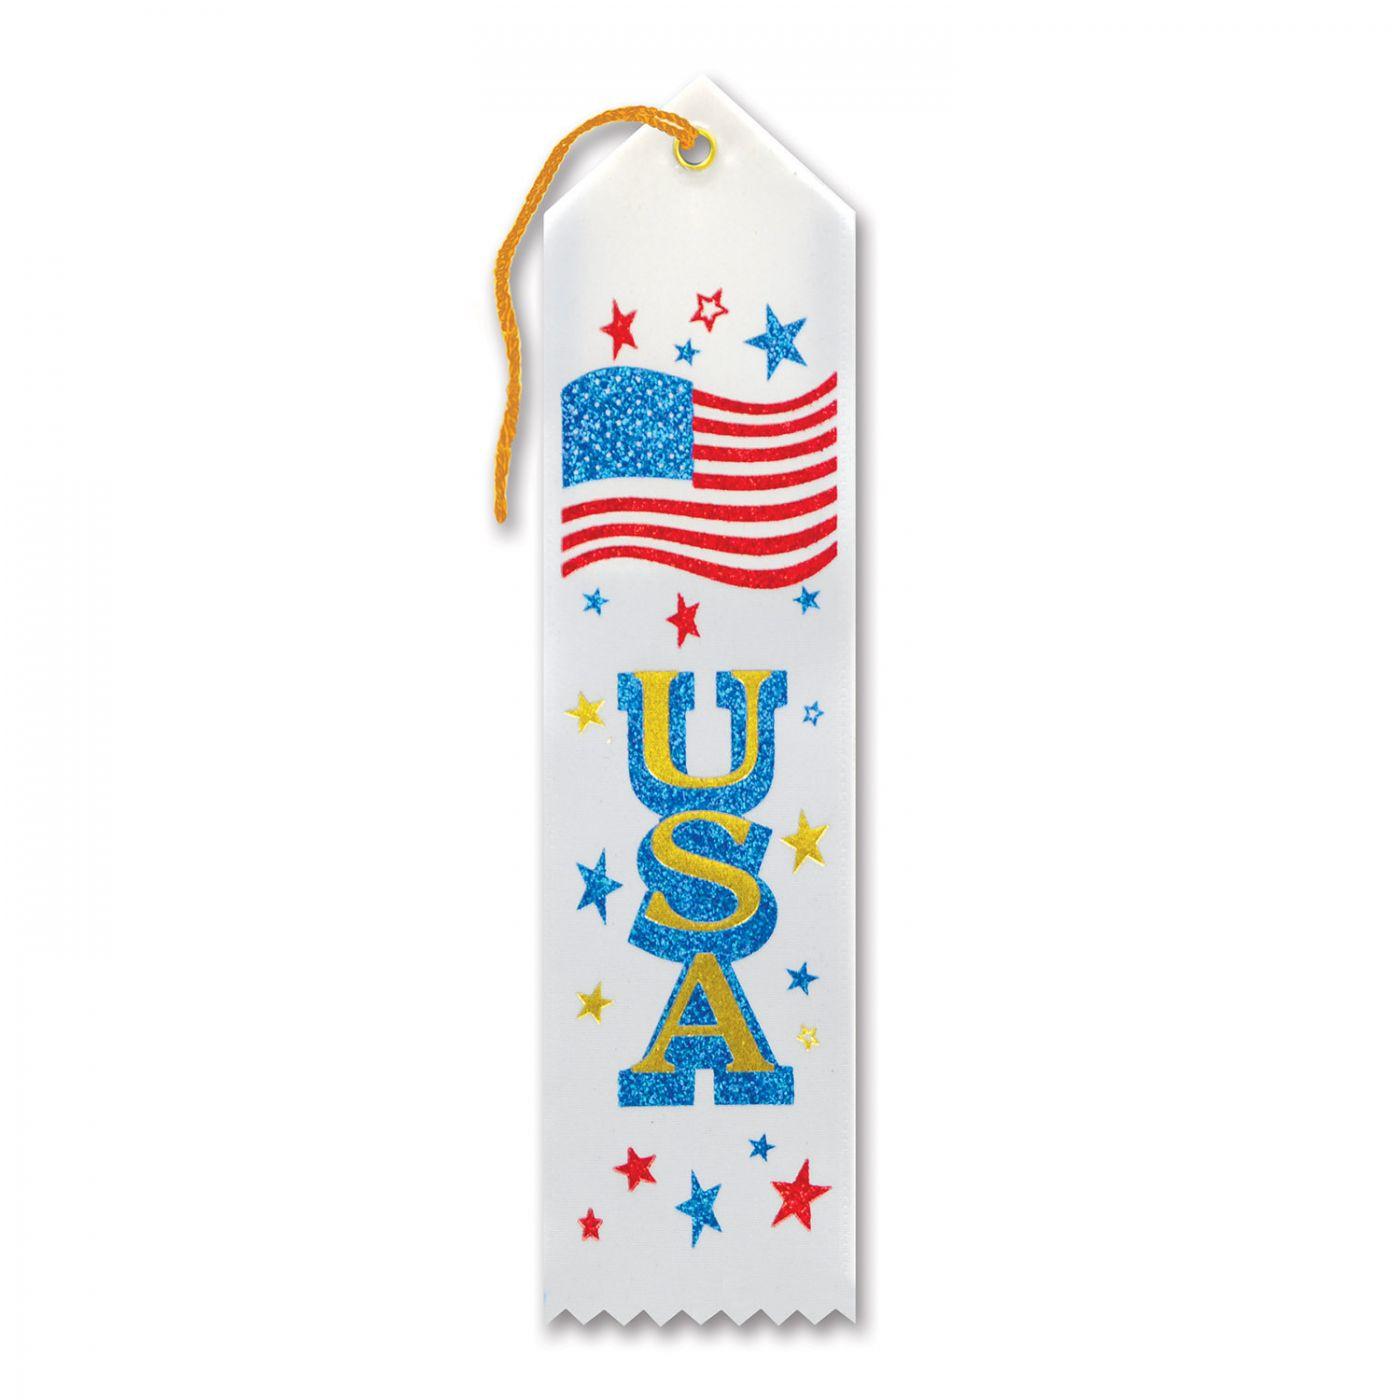 USA Award Ribbon (6) image